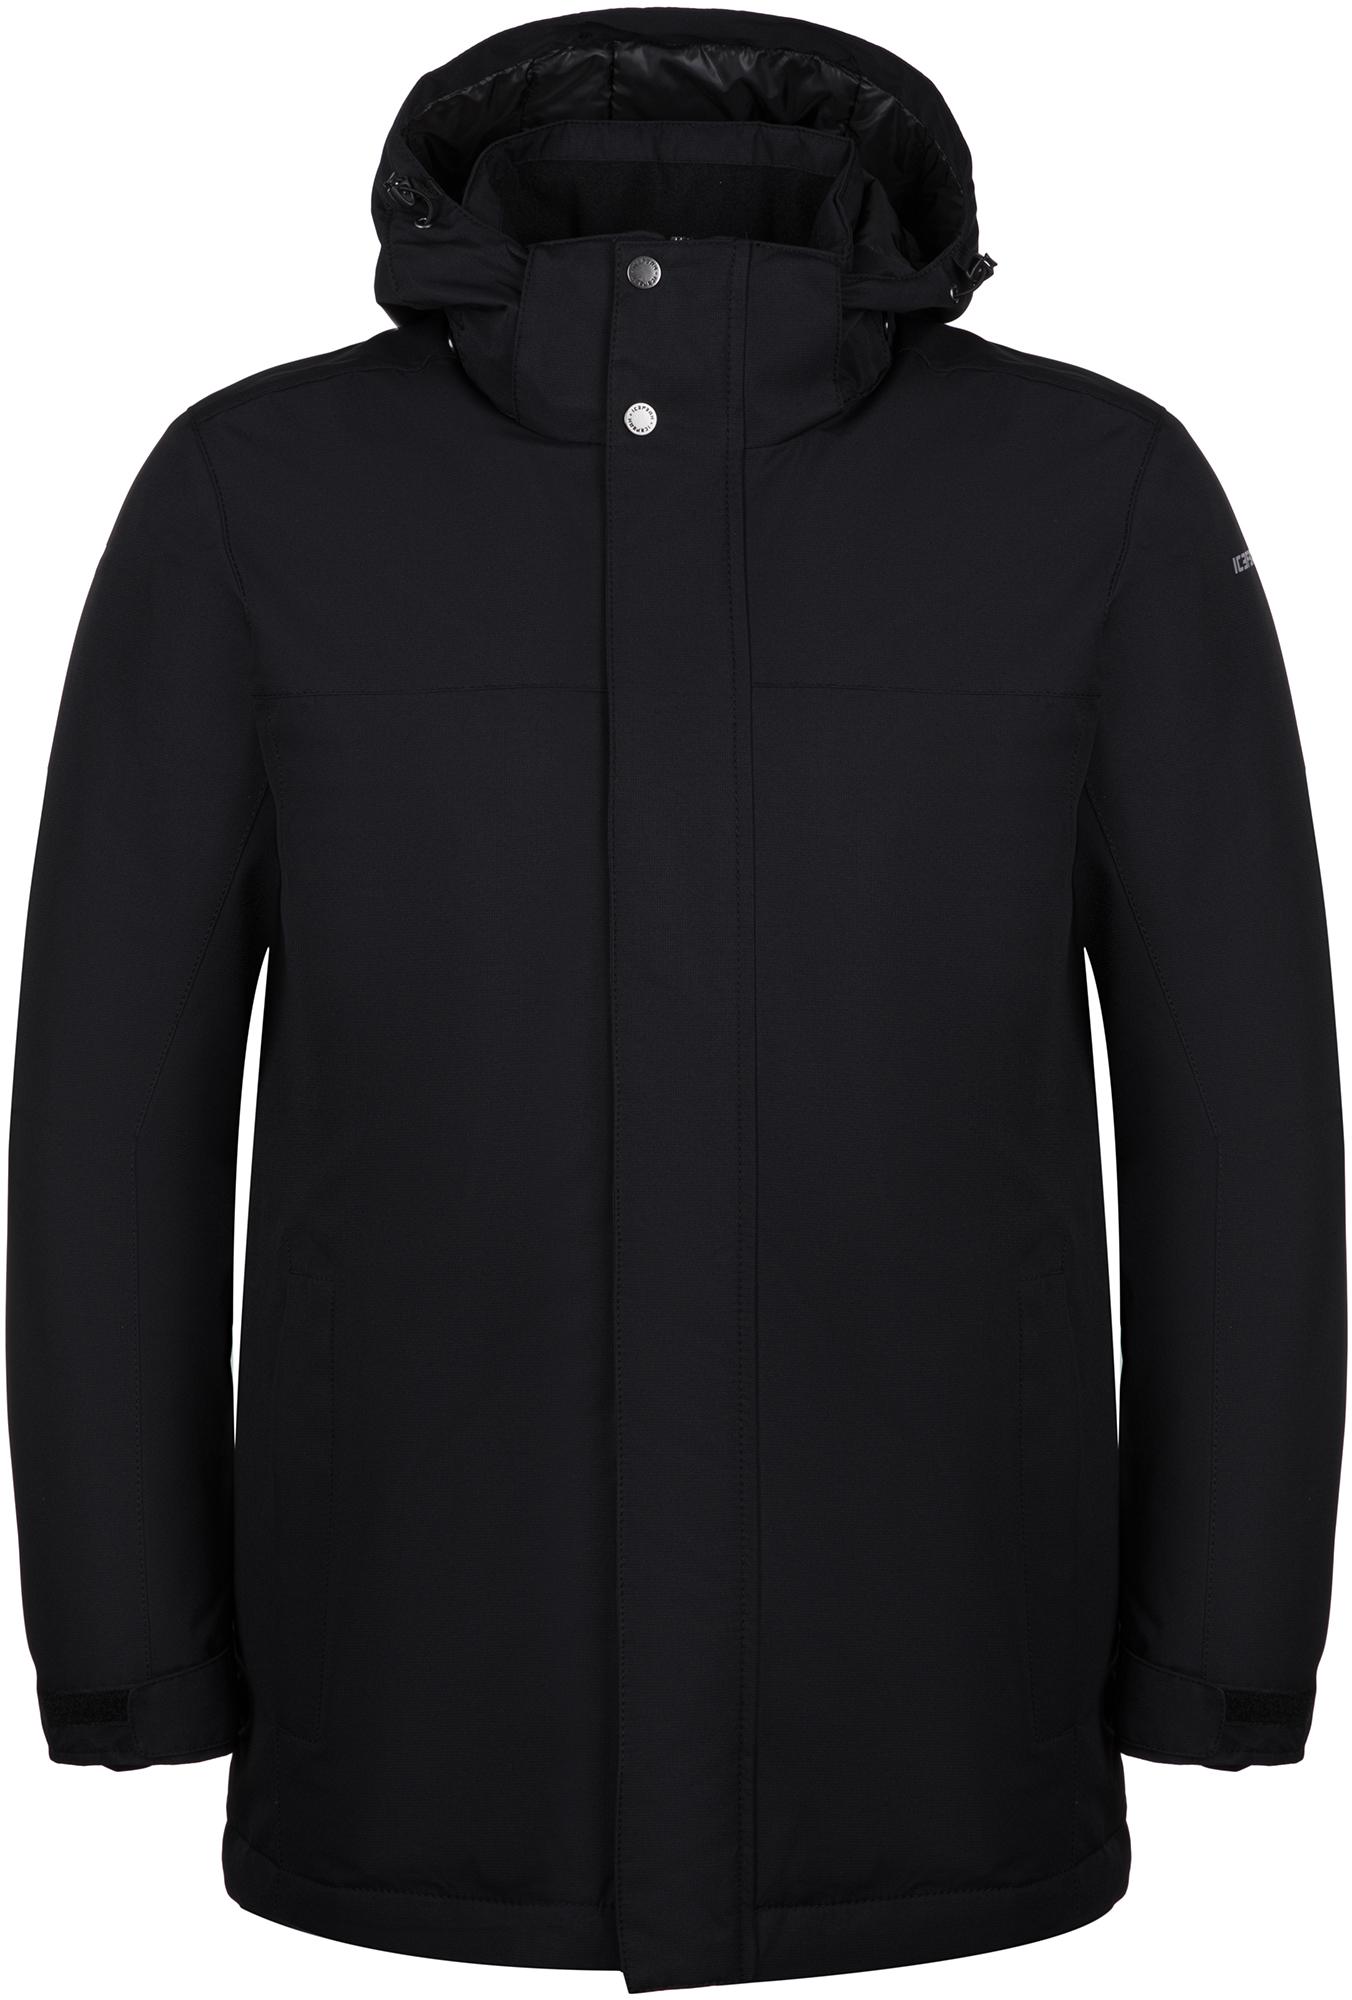 IcePeak Куртка утепленная мужская IcePeak Vanleer, размер 50